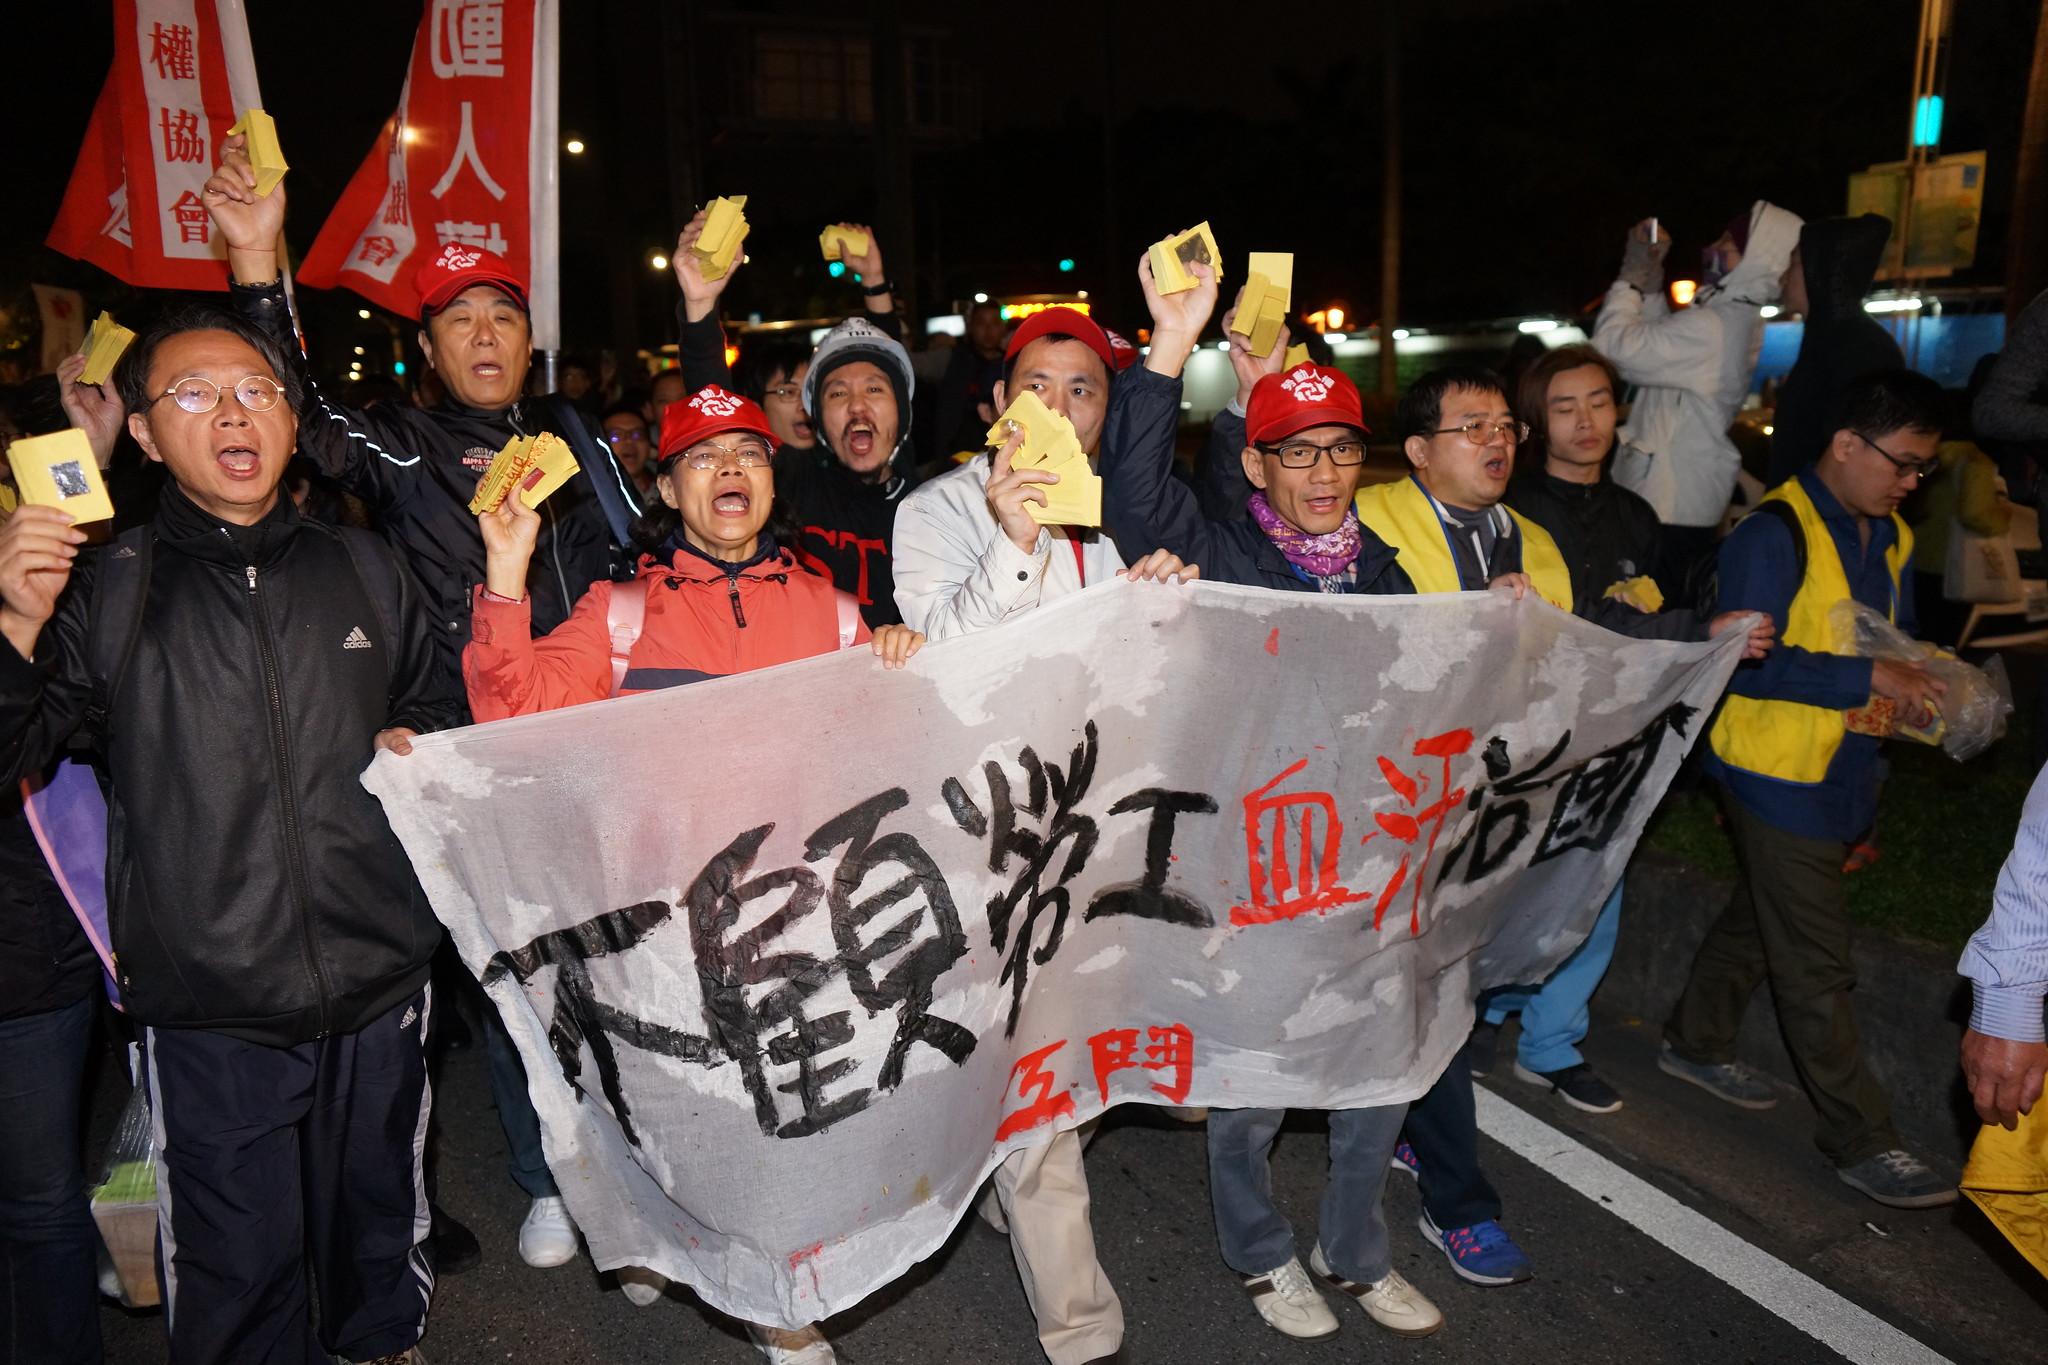 接近晚間9點,勞團帶領抗議民眾往立院大門前進。(攝影:王顥中)